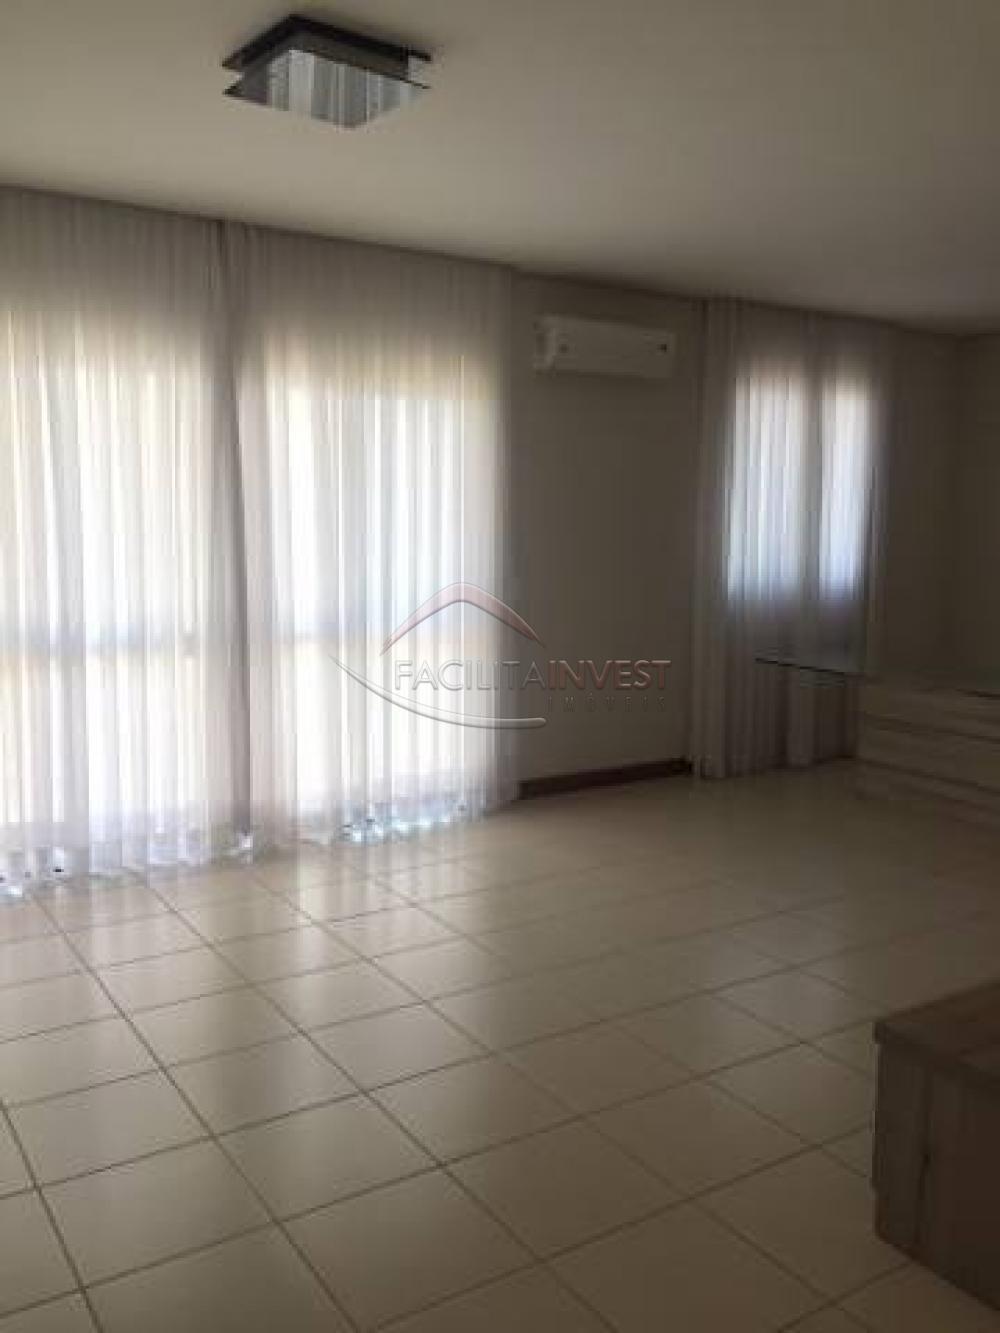 Comprar Apartamentos / Apart. Padrão em Ribeirão Preto apenas R$ 800.000,00 - Foto 5